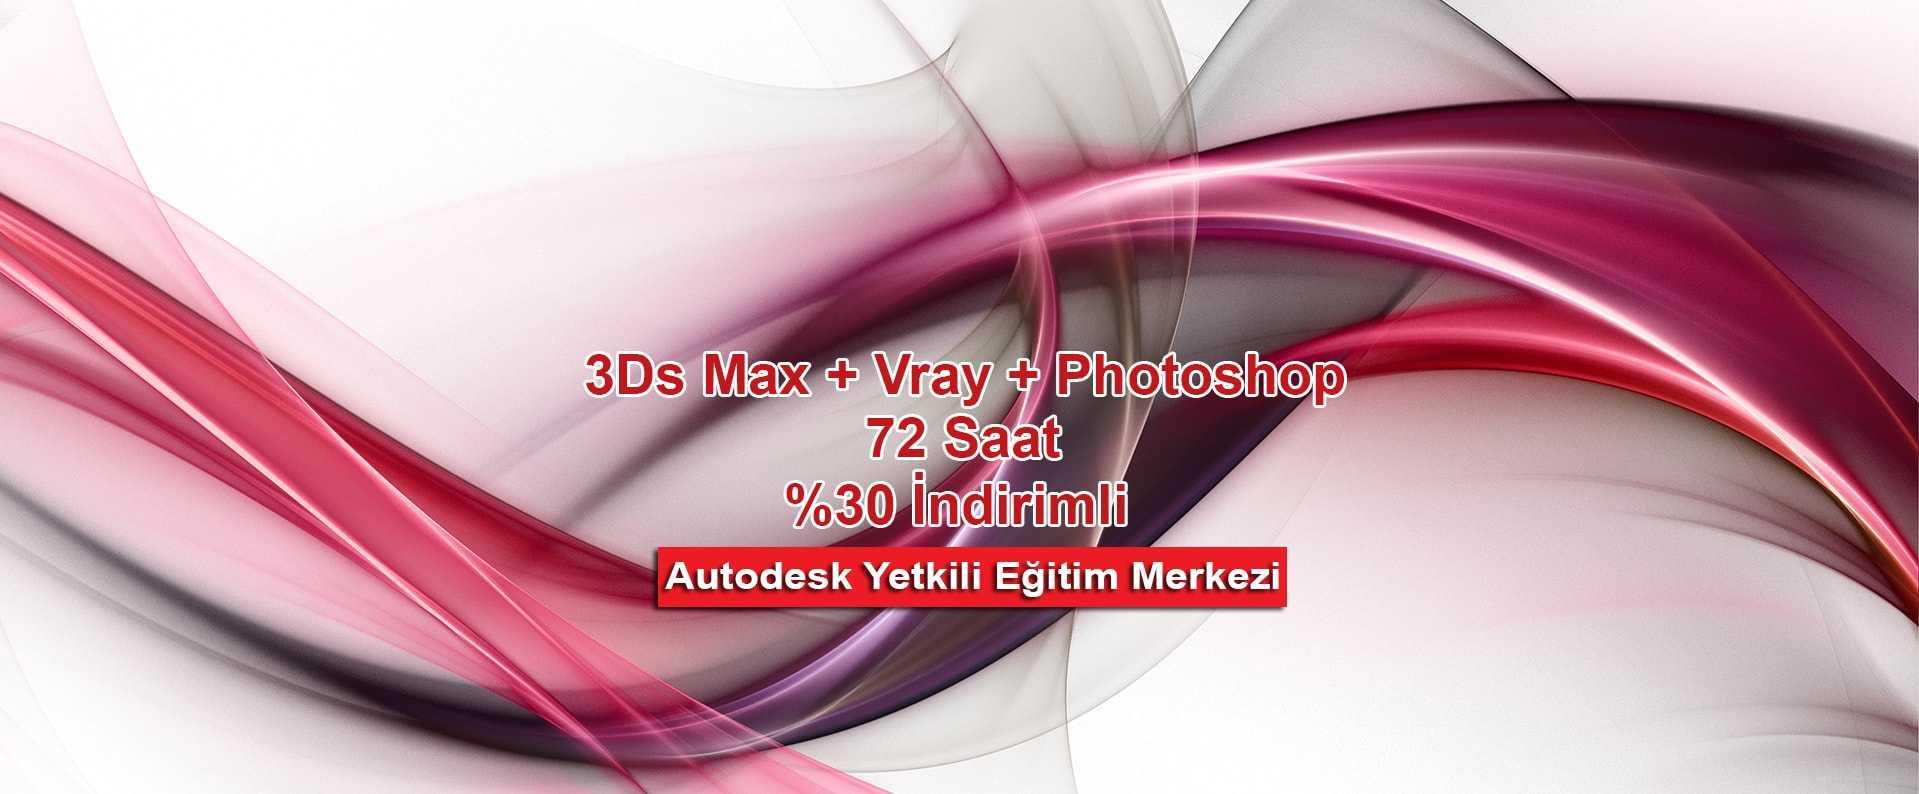 Autodesk 3d Max Kursu